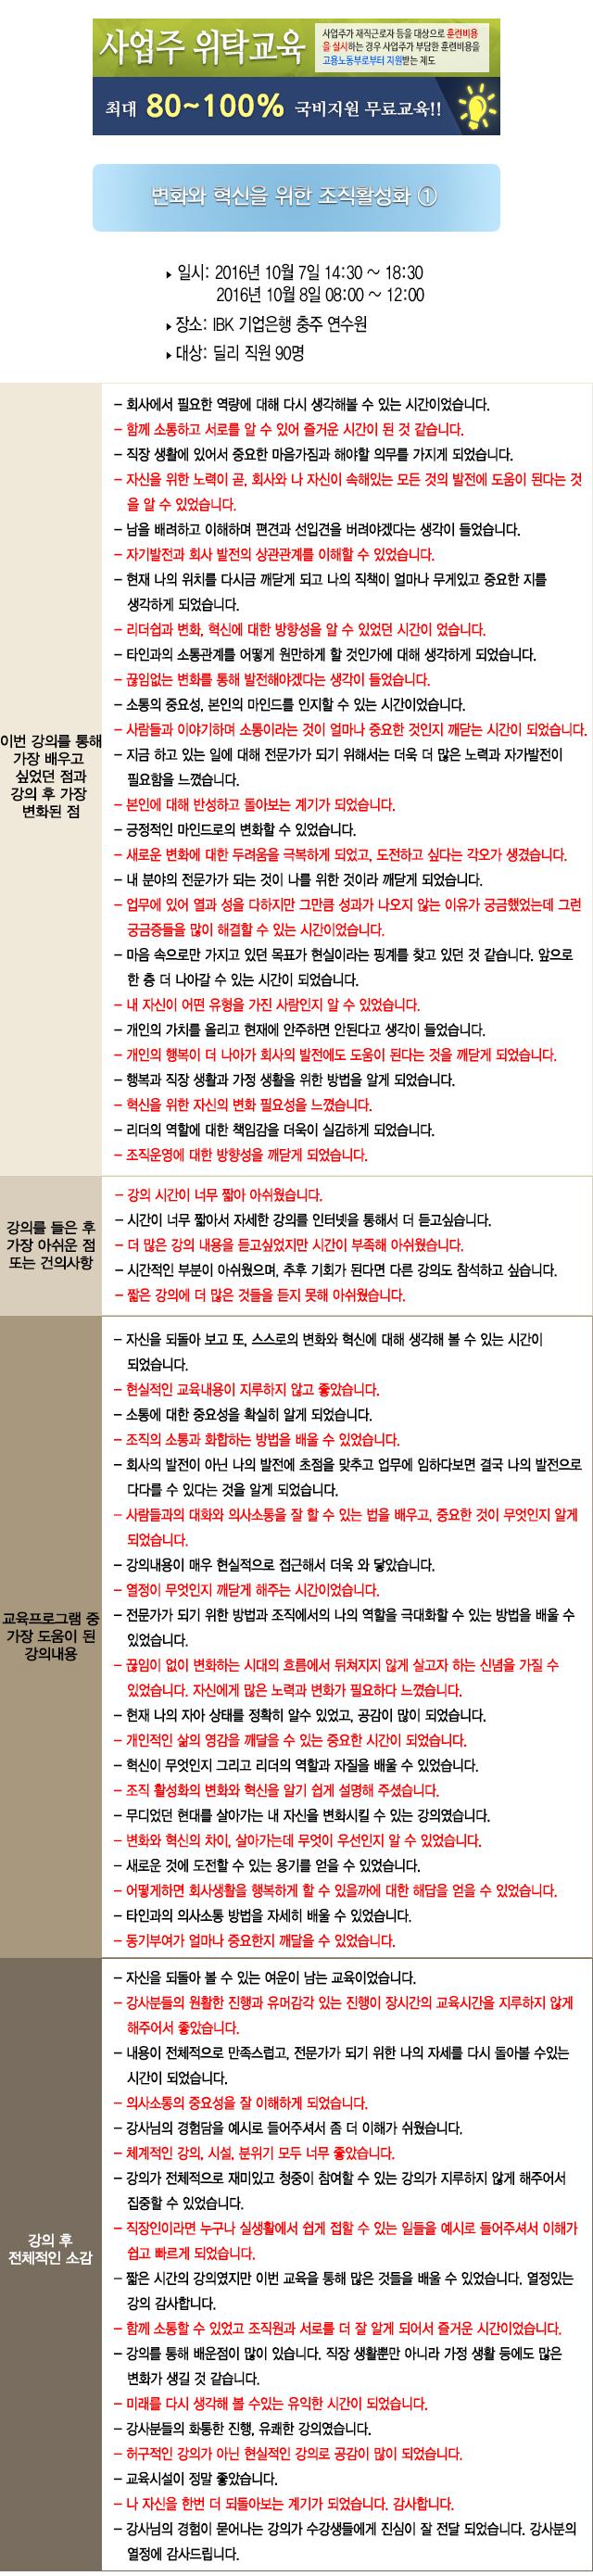 한국중앙인재개발원 후기 딜리1.jpg